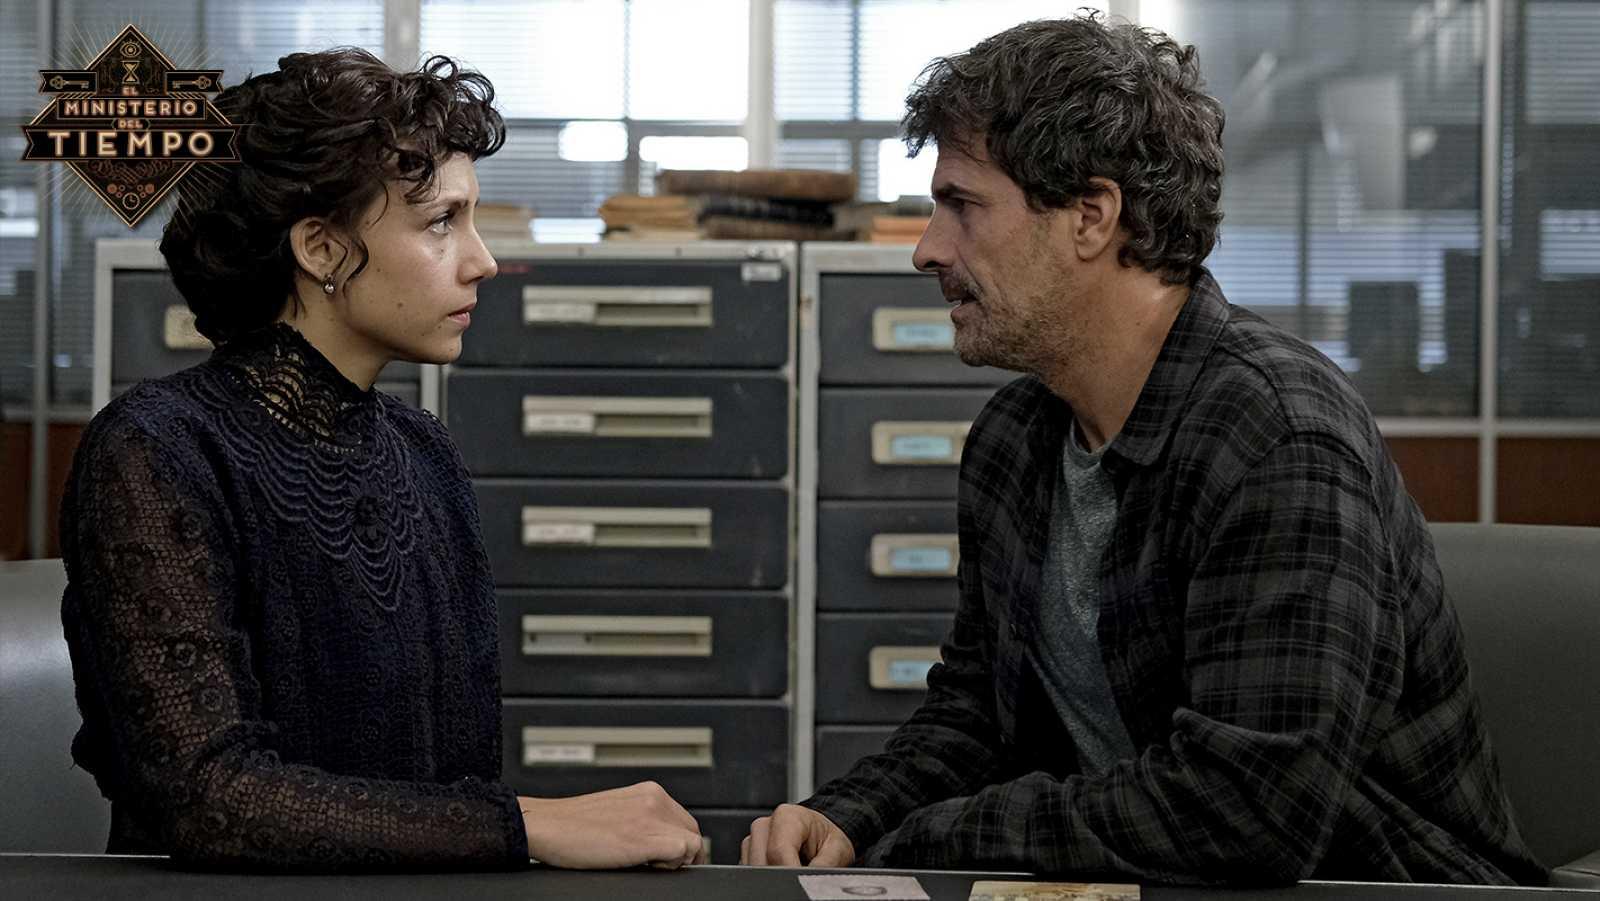 Aura Garrido y Rodolfo Sancho como Amelia y Julián en El Ministerio del Tiempo